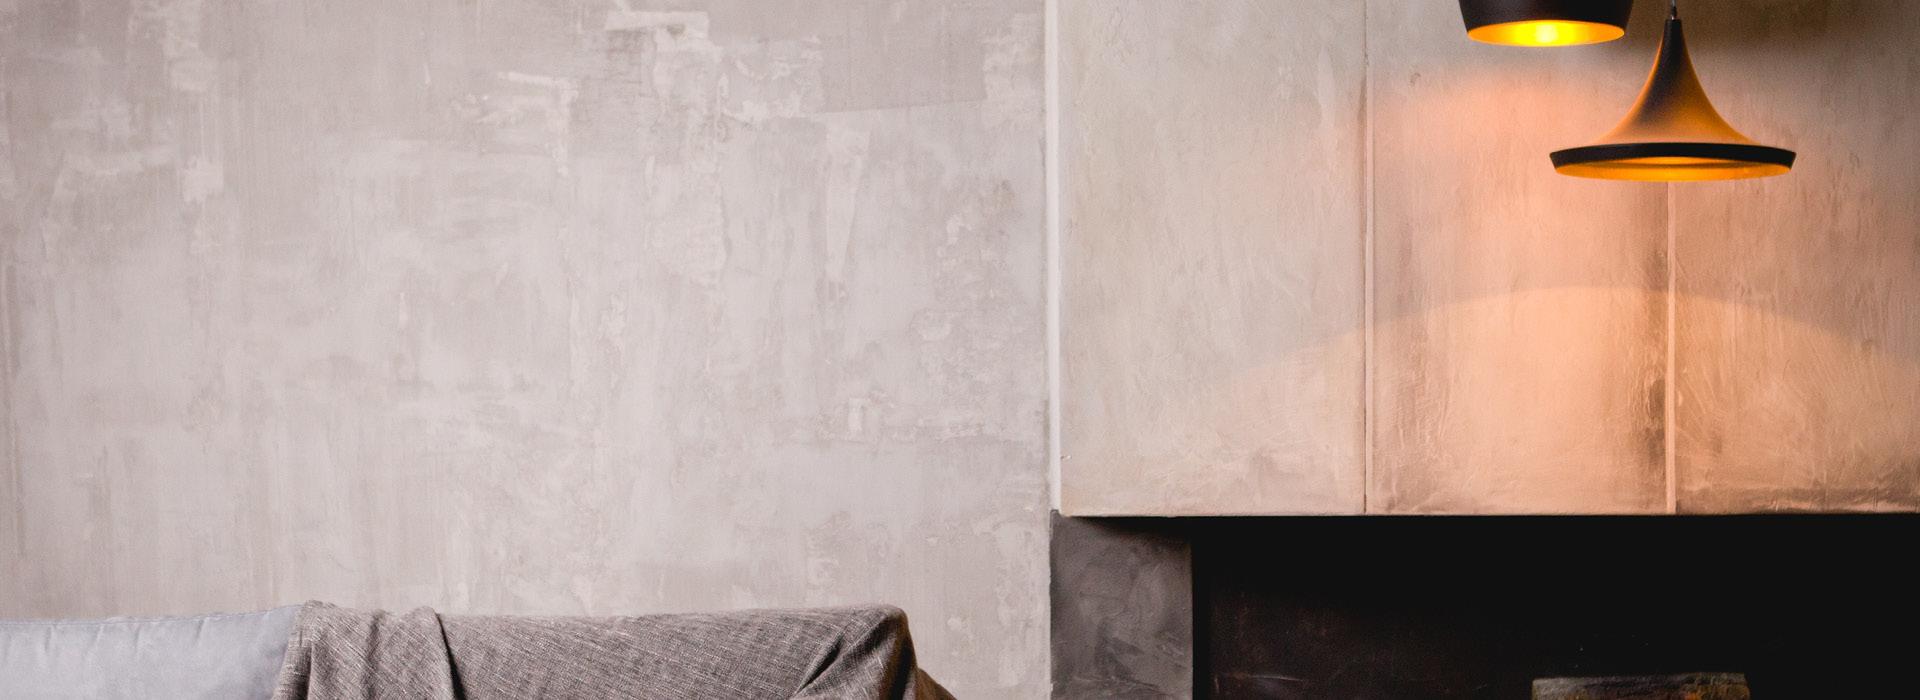 Kamin aus Beton, moderne Lichtkonzepte, modern casual